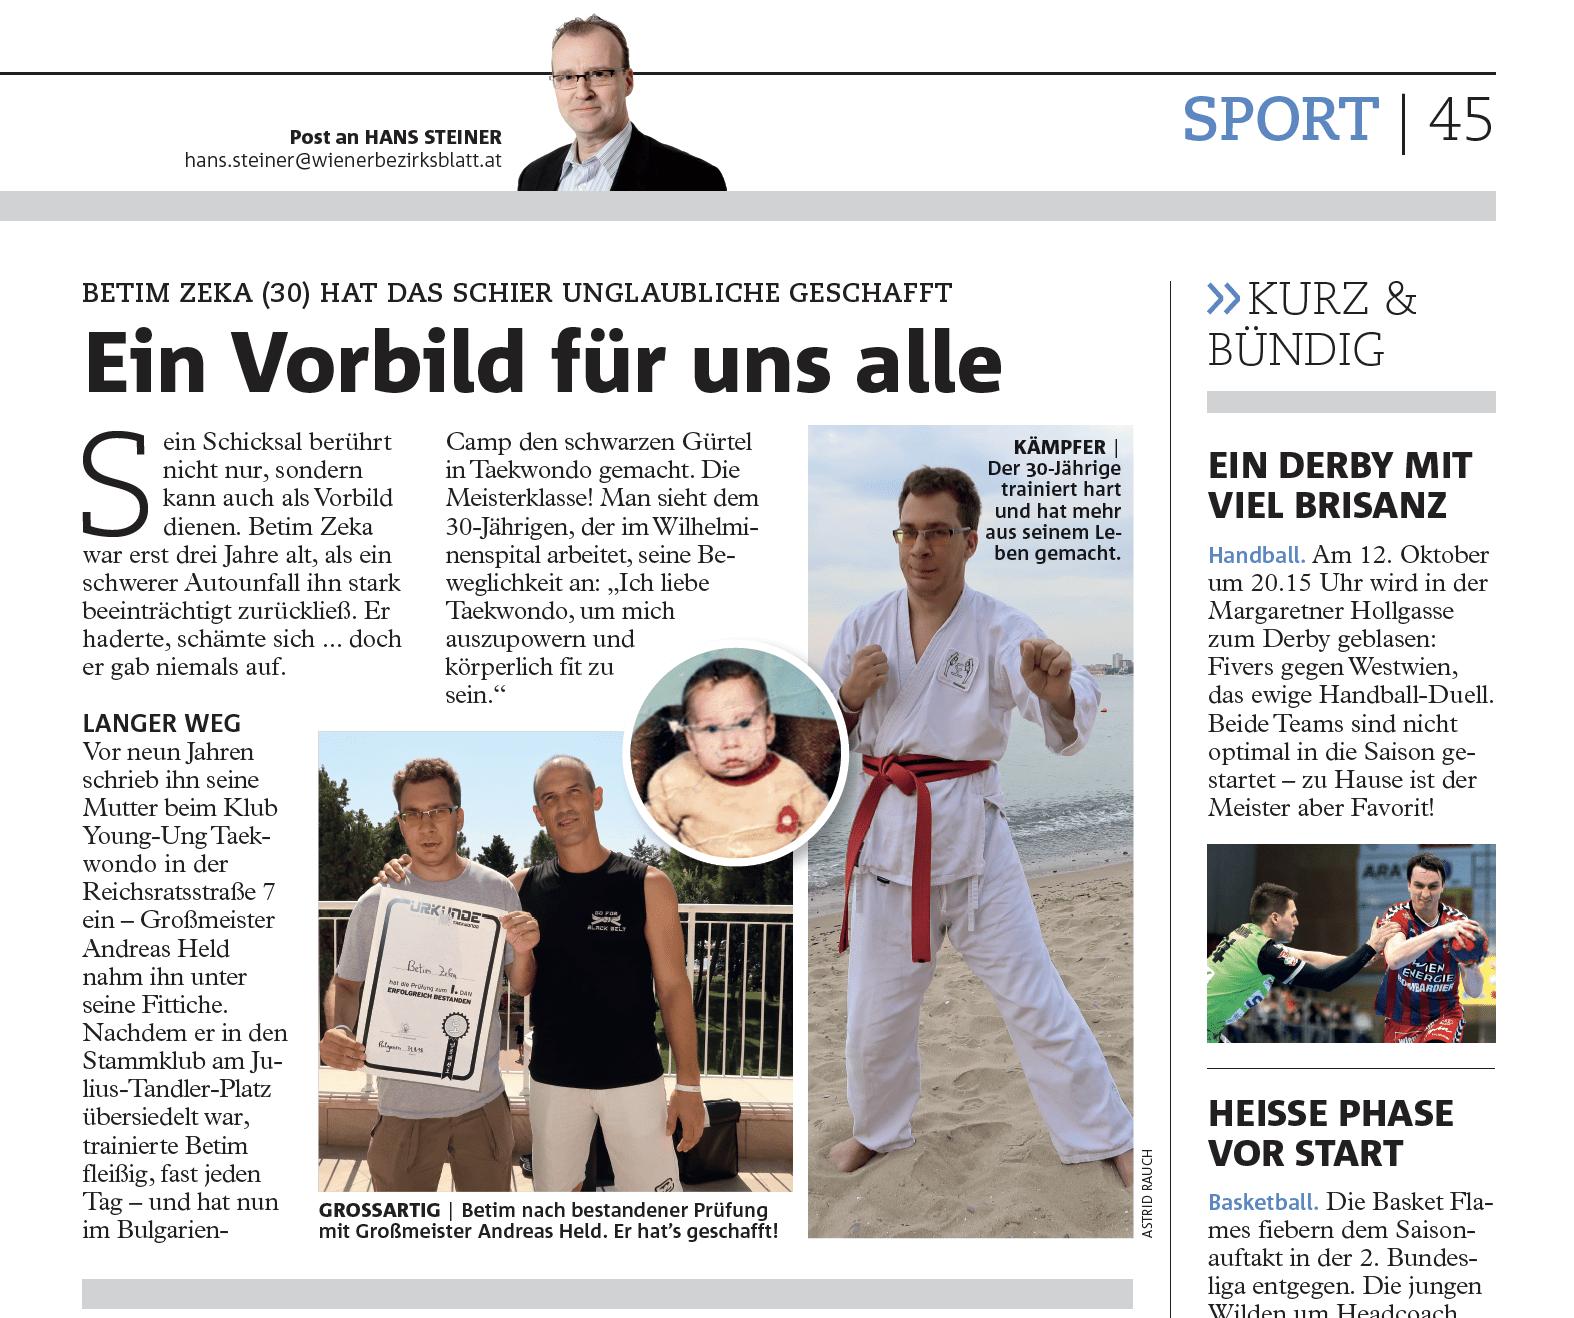 Betim Zeka Vorbild YOUNG-UNG Taekwondo